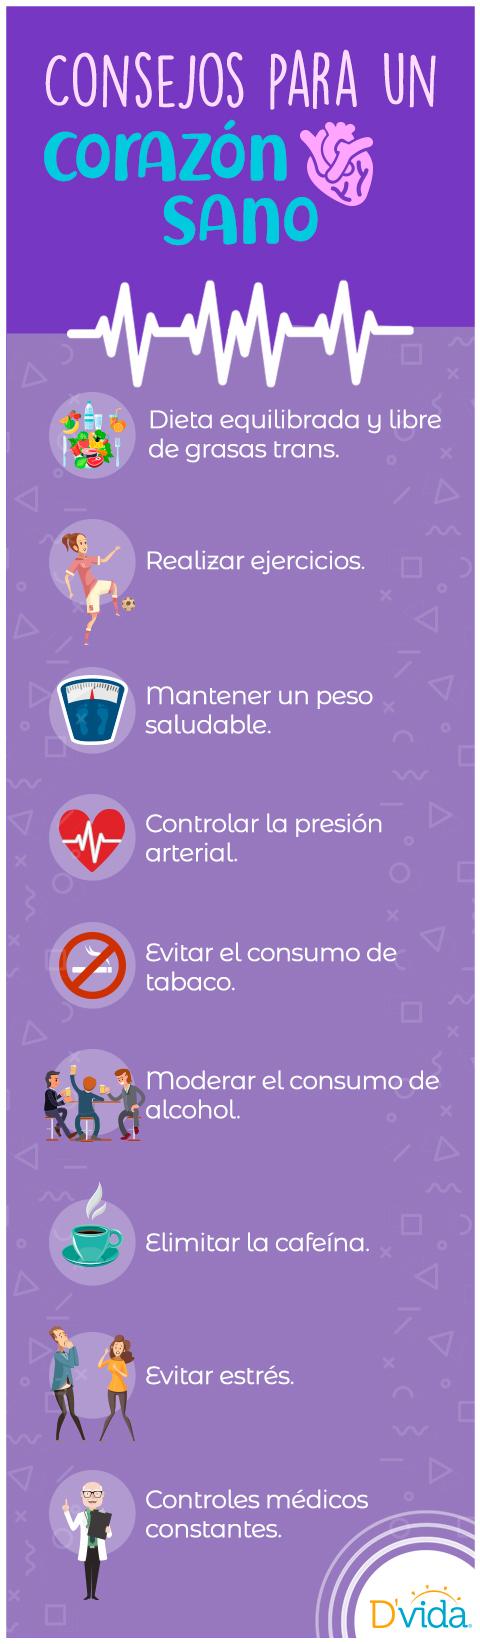 consejos-corazon-sano-vitamina-d